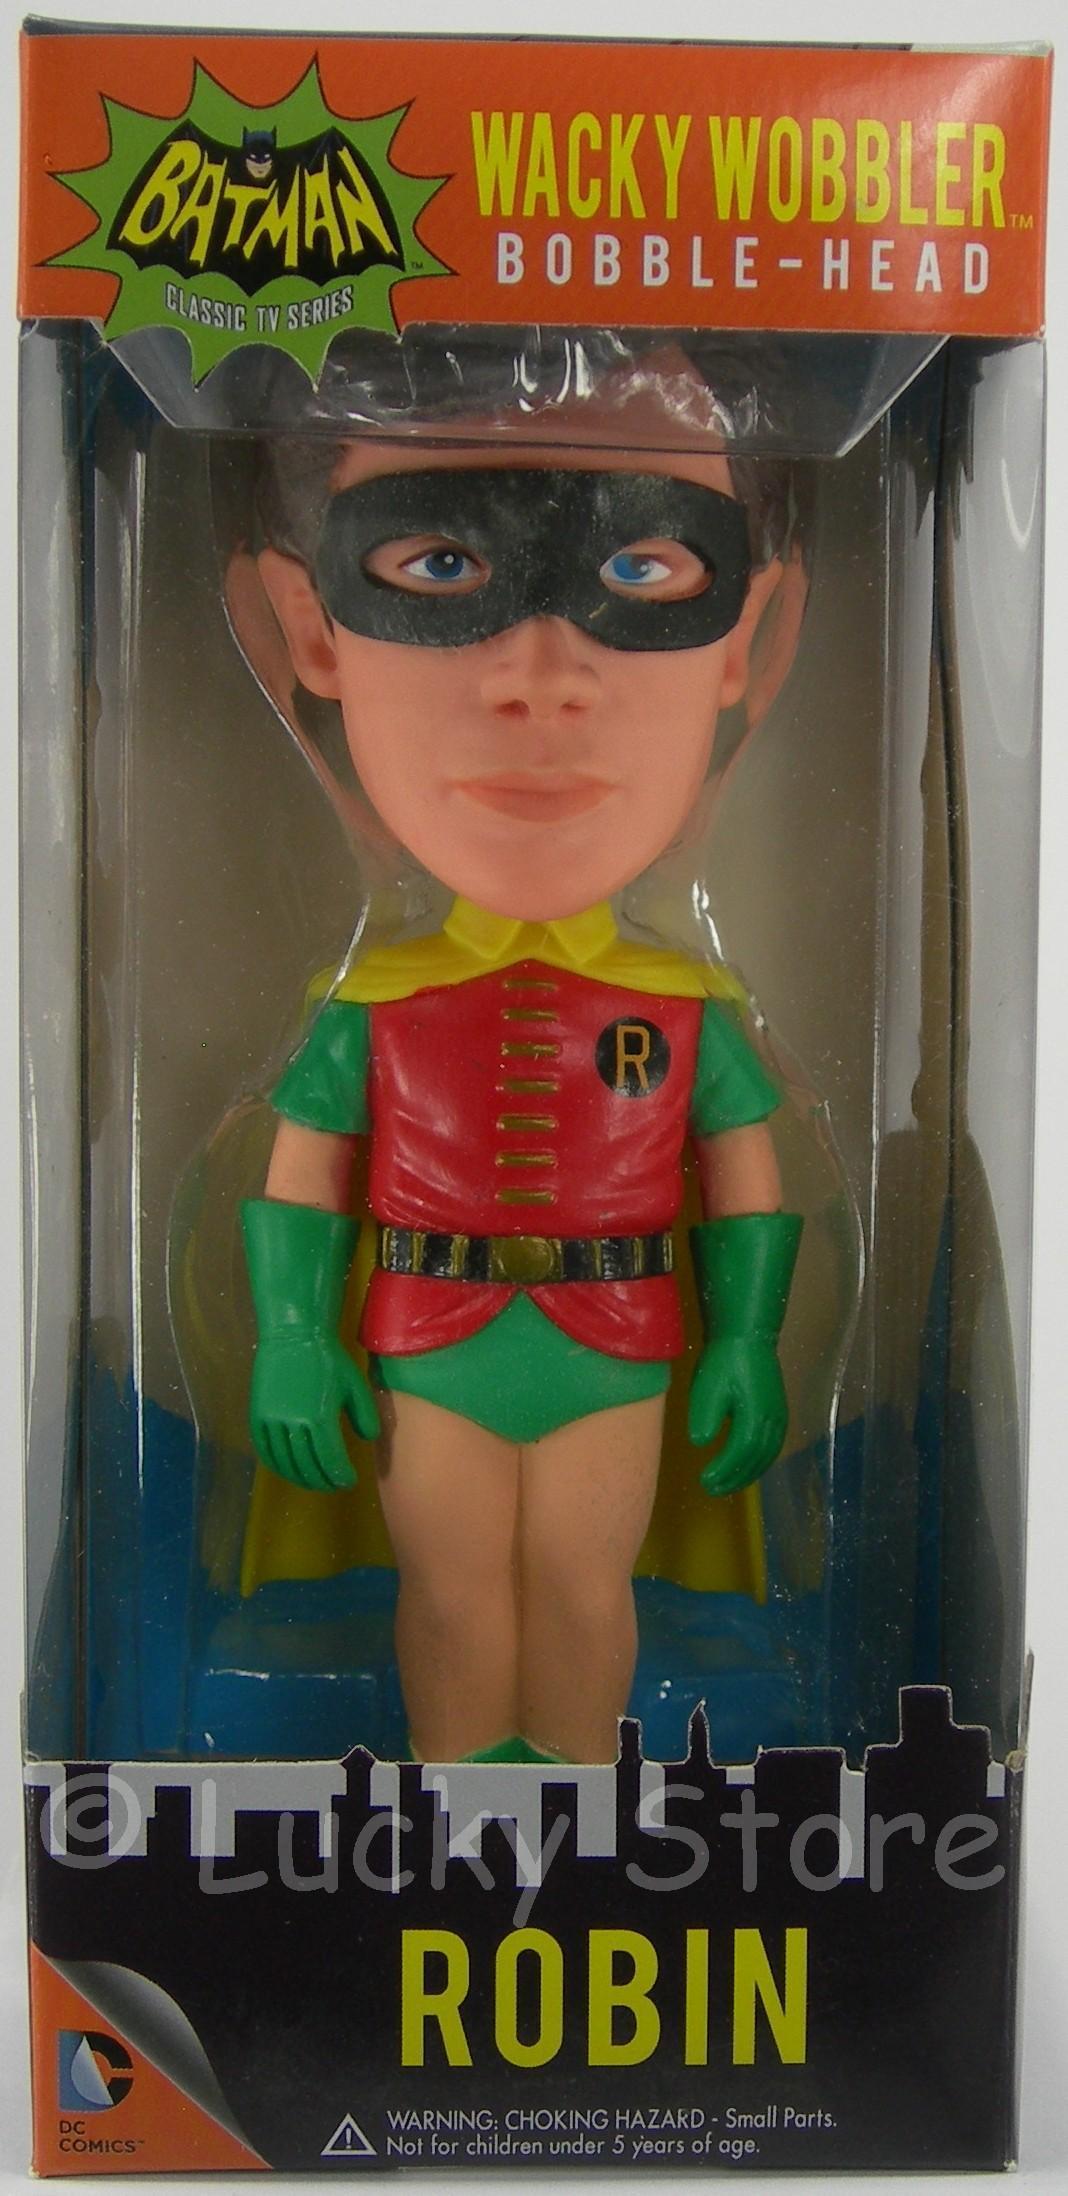 Batman Serie TV 1966 RARO Cappuccio Rosa wacky wobbler bobble head bobble head figure 18 cm Funko RARE Contaminated Cowl